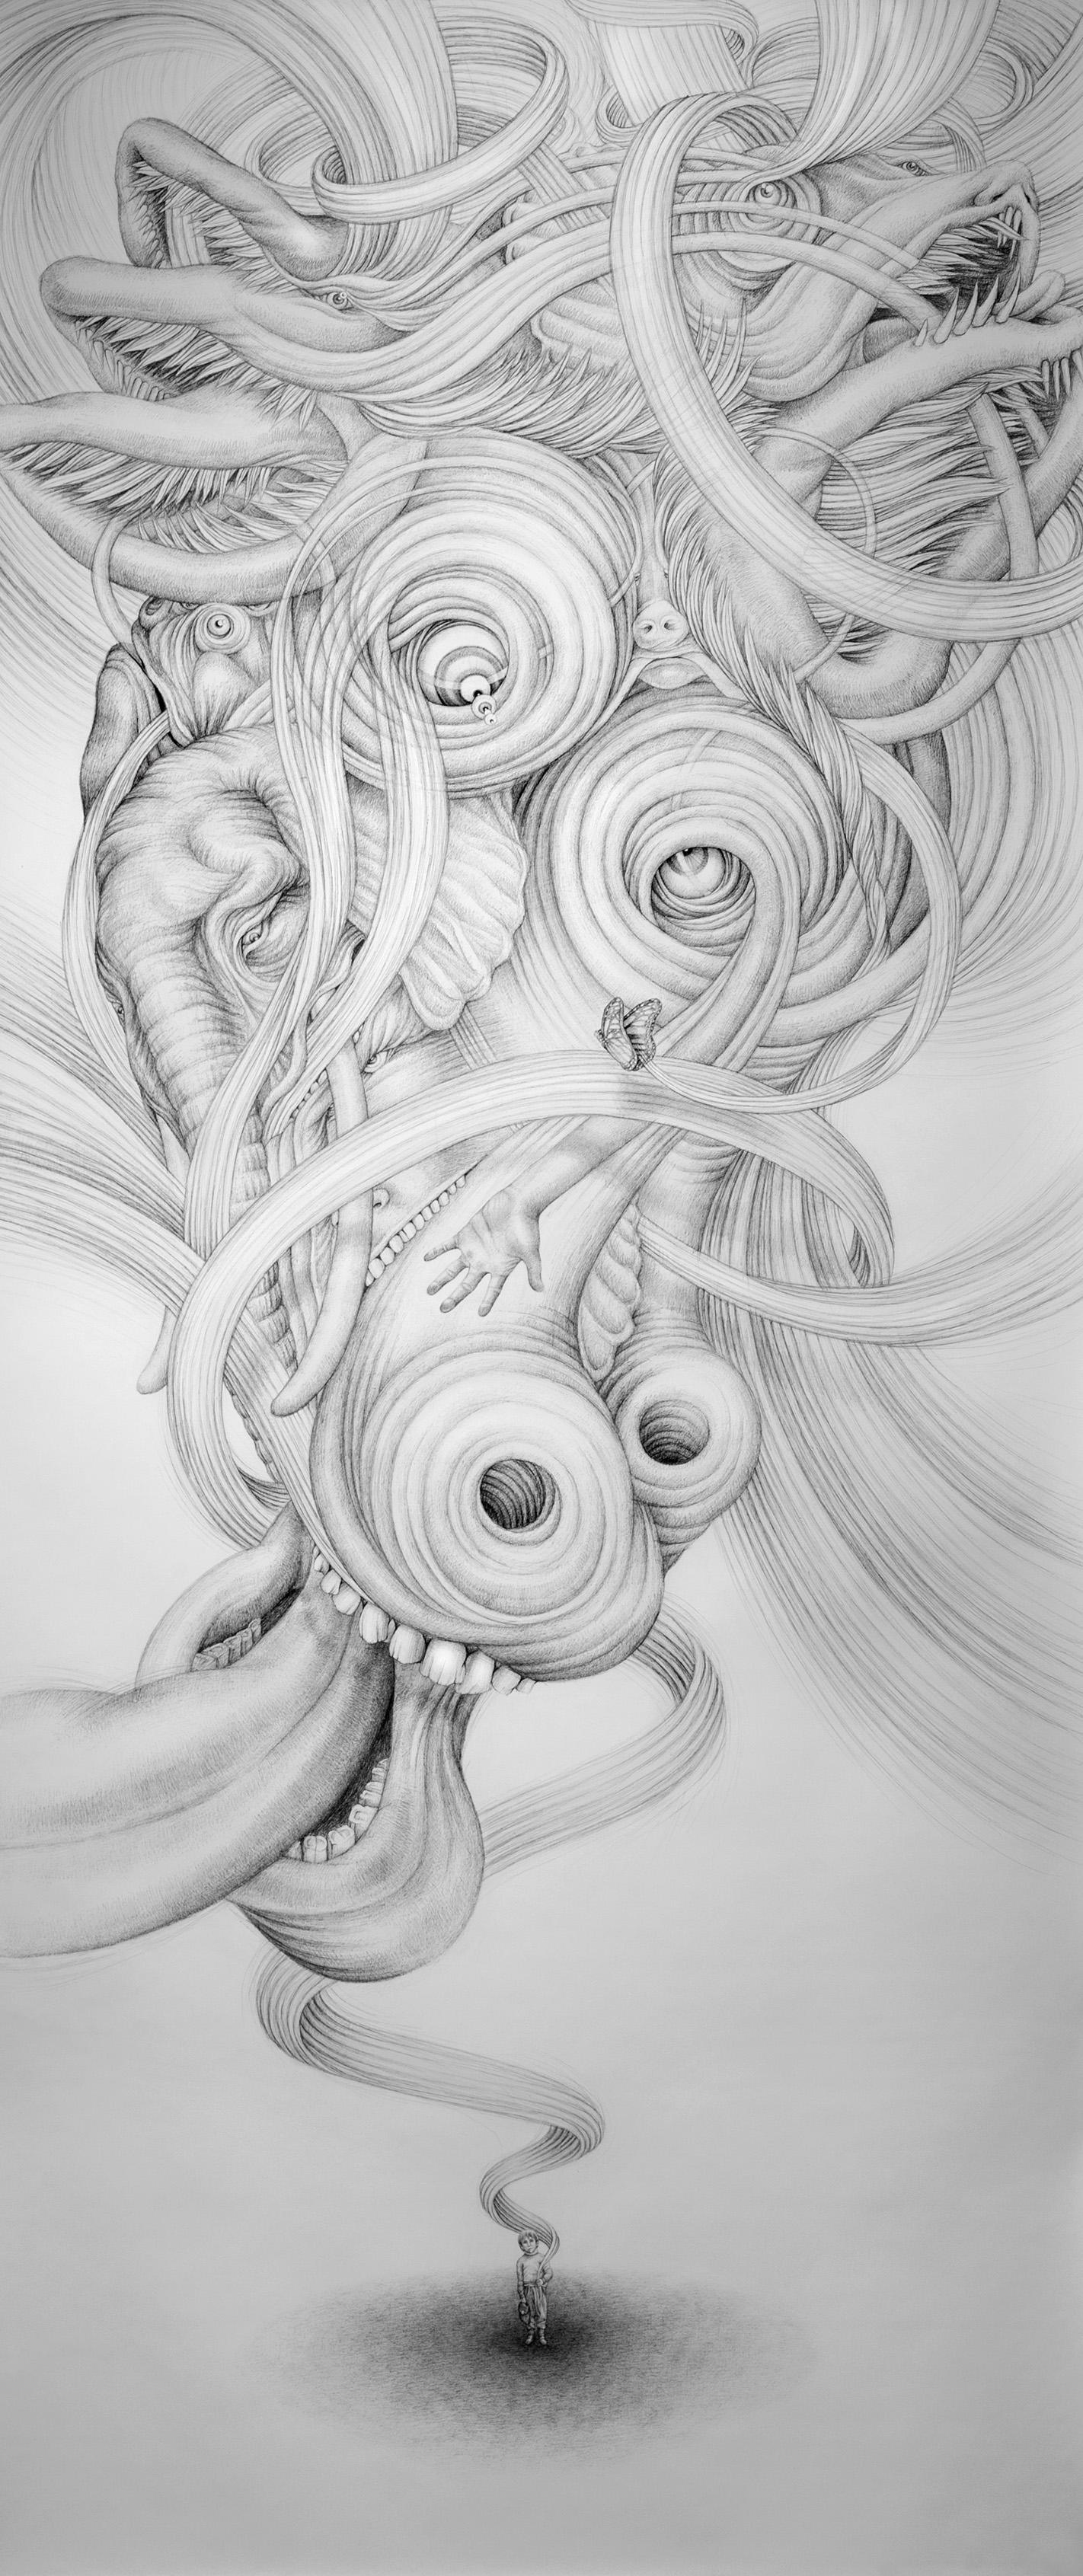 Eeva Honkanen,  Butterfly Effect  (2016), inkpen on paper. Picture by Maija Toivanen.